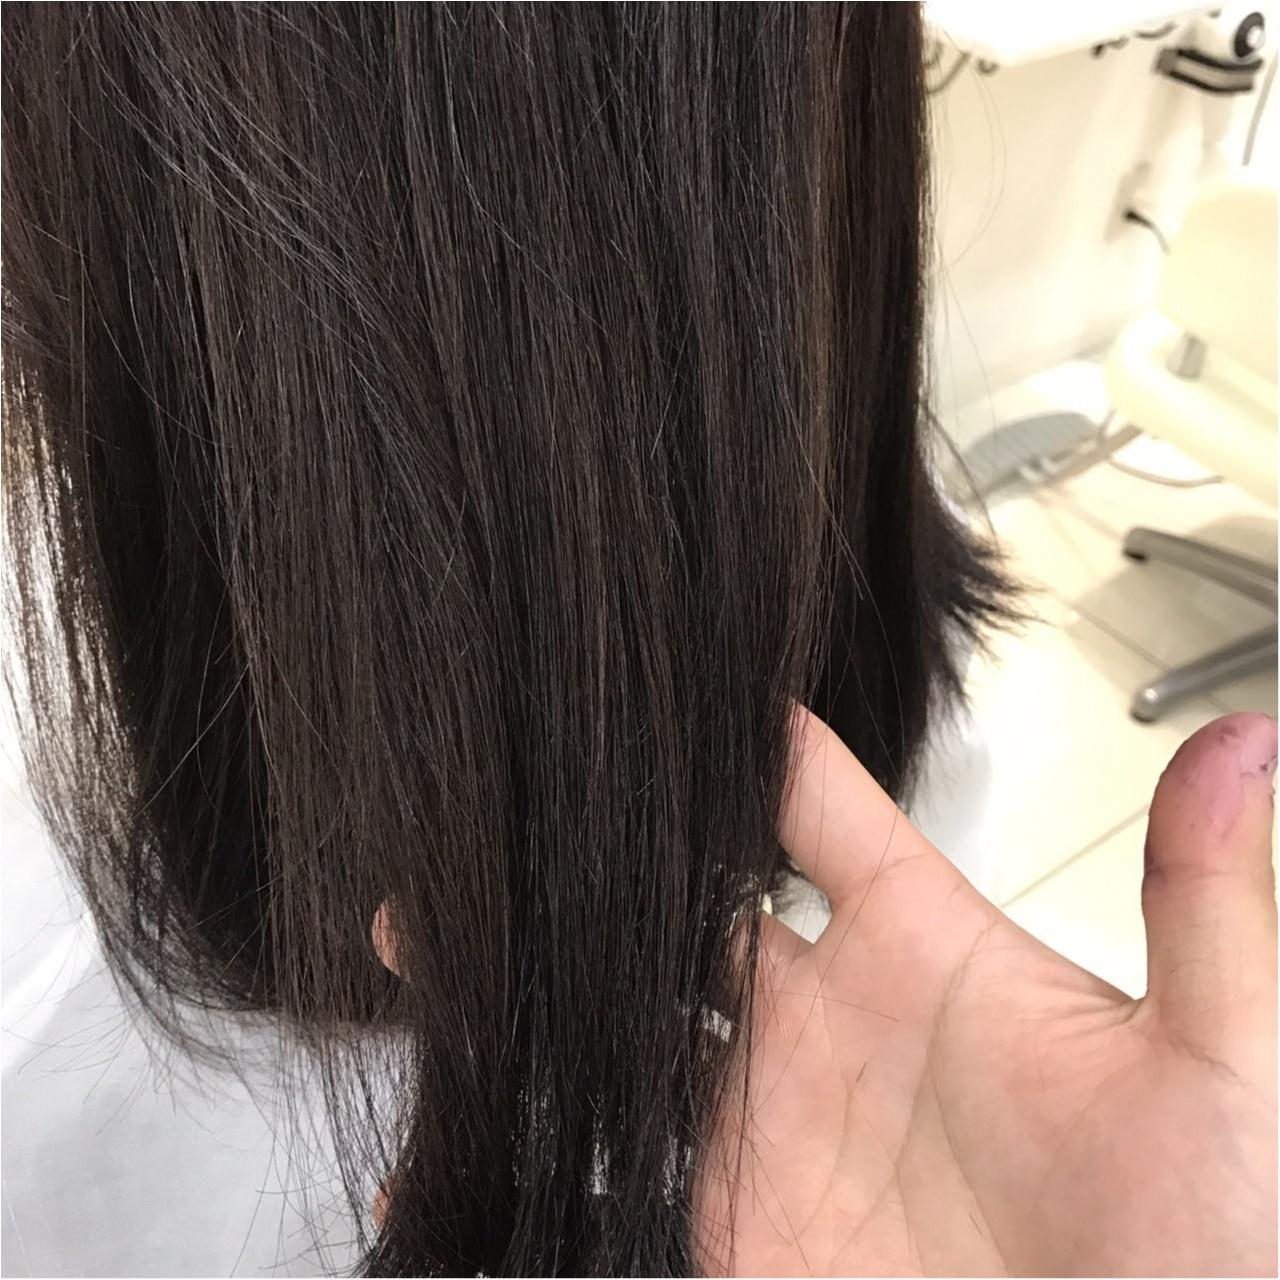 大注目!ヘアカラー【バイオレットアッシュ】女性らしい艶と透明感がハンパない♡♡_9